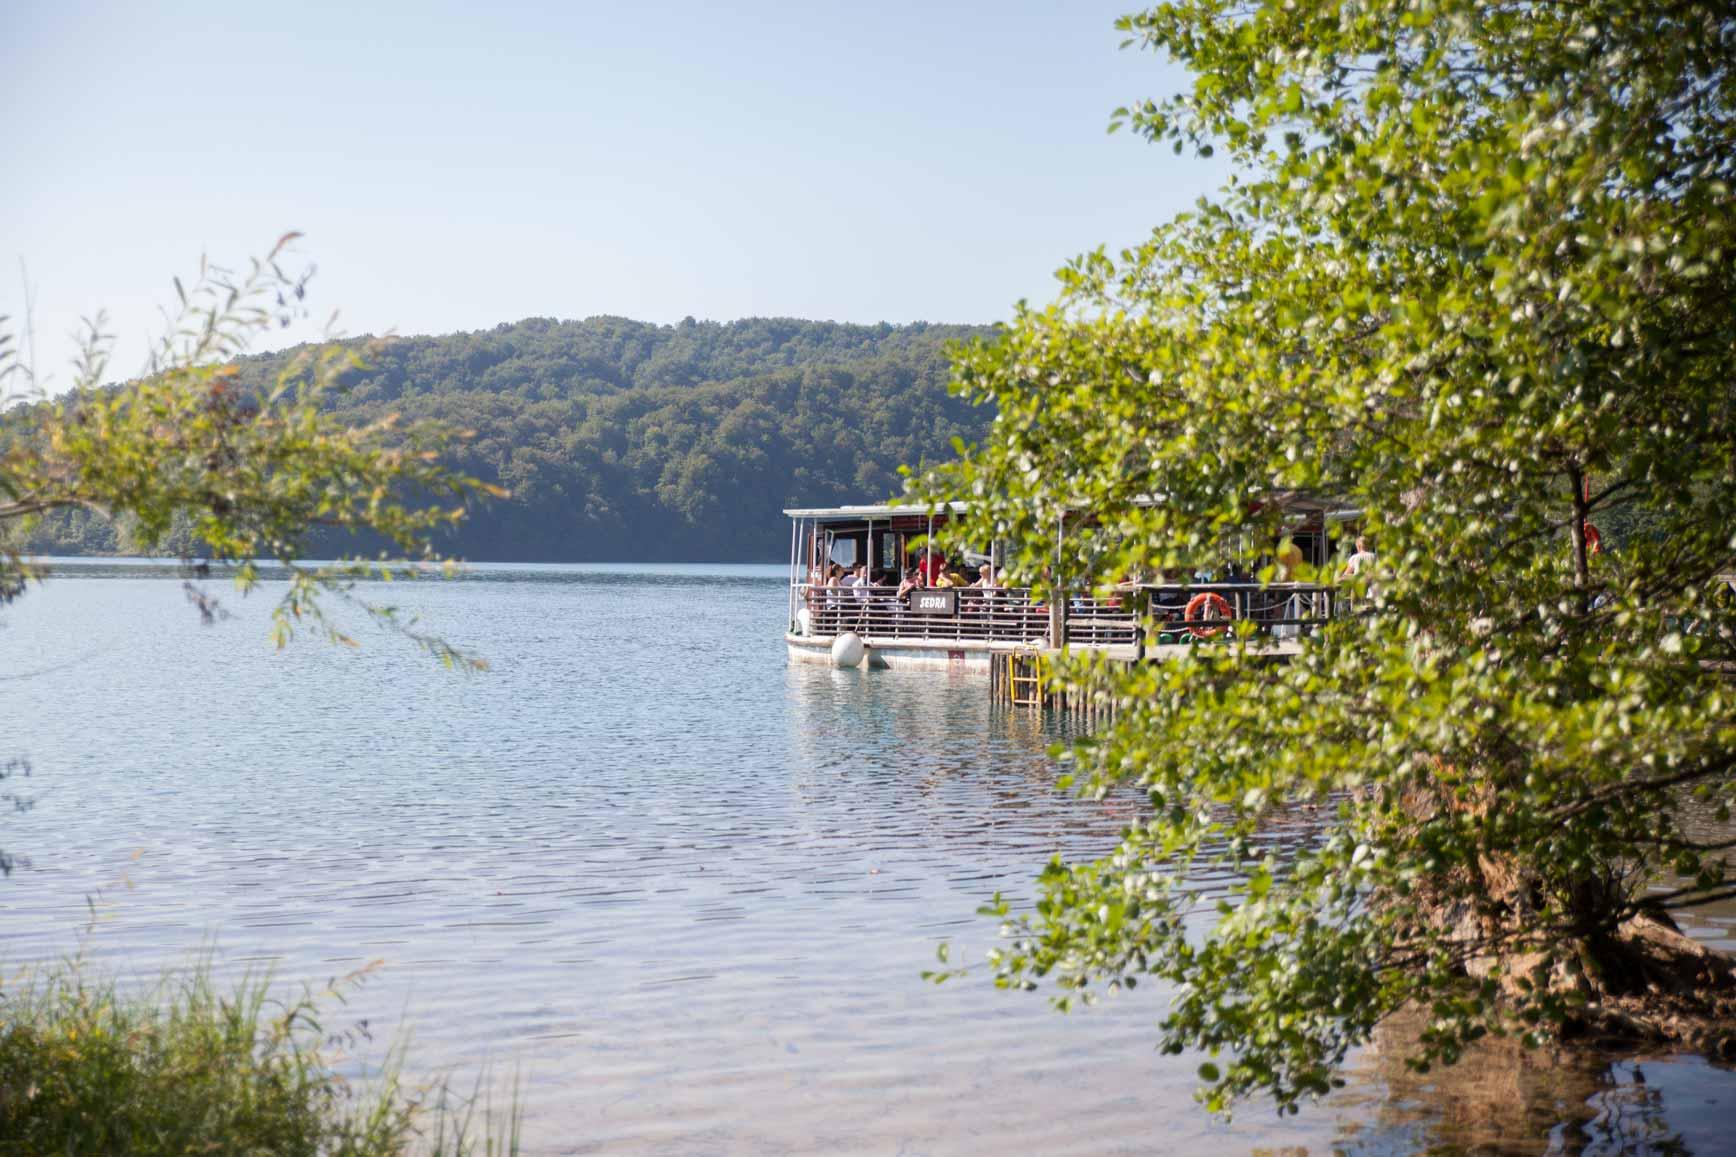 lagos-de-plitvice_claraBmartin_18